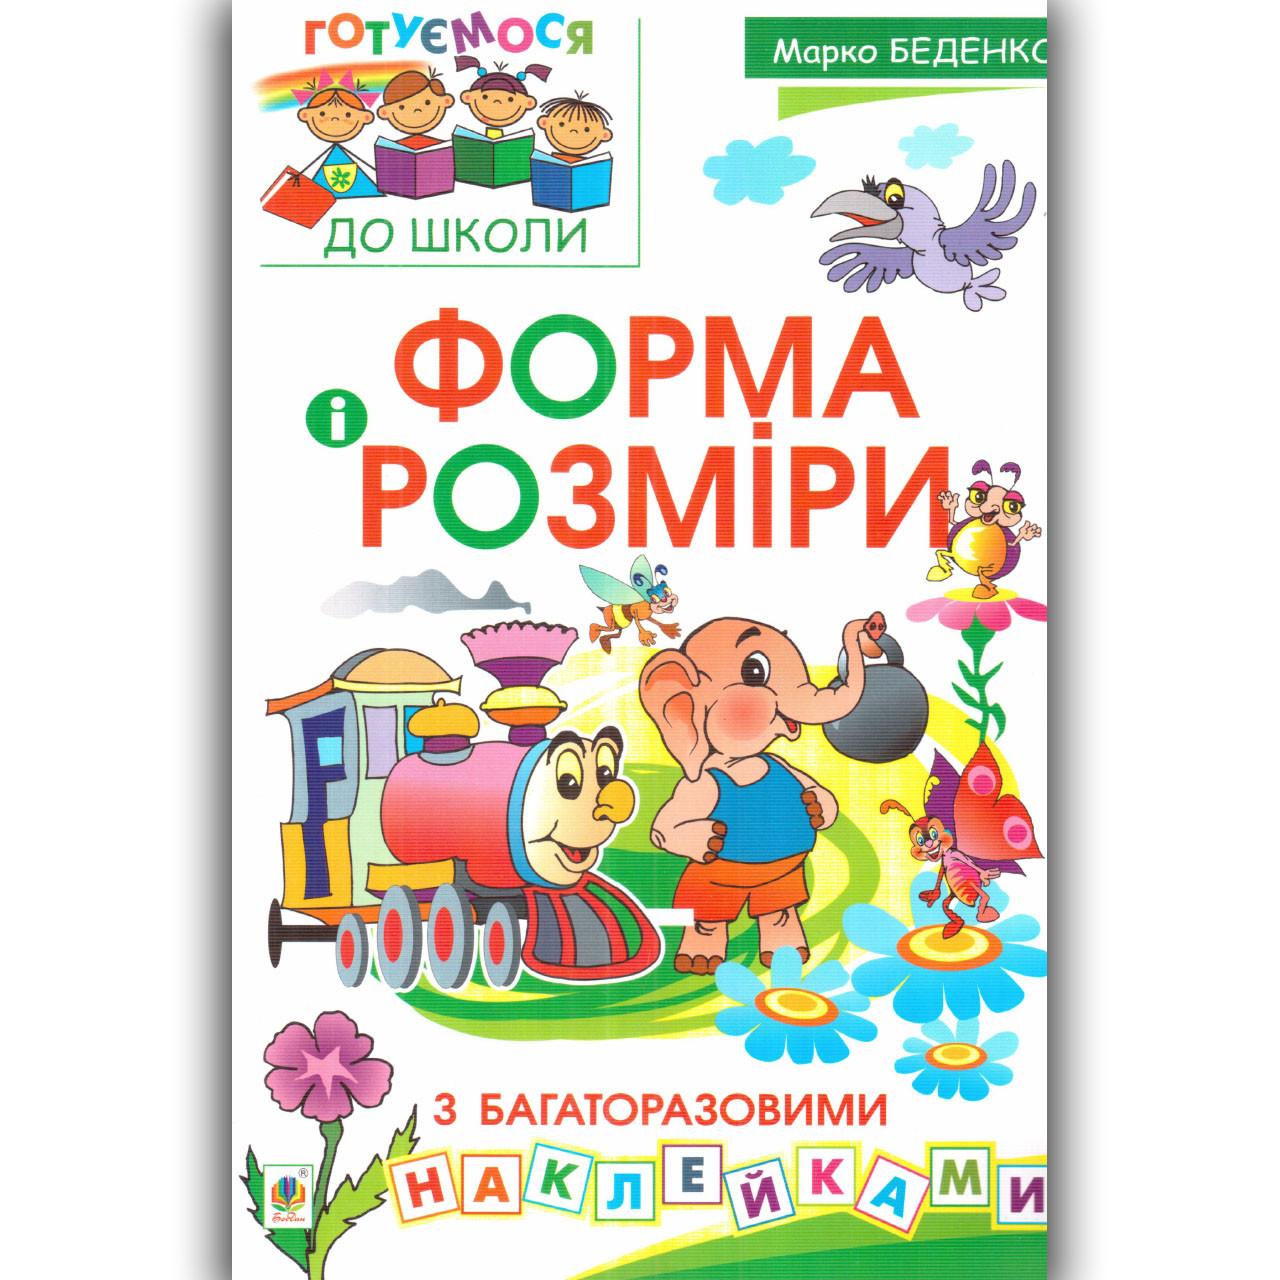 Готуємося до школи Форма і розміри Авт: Беденко М. Вид: Богдан